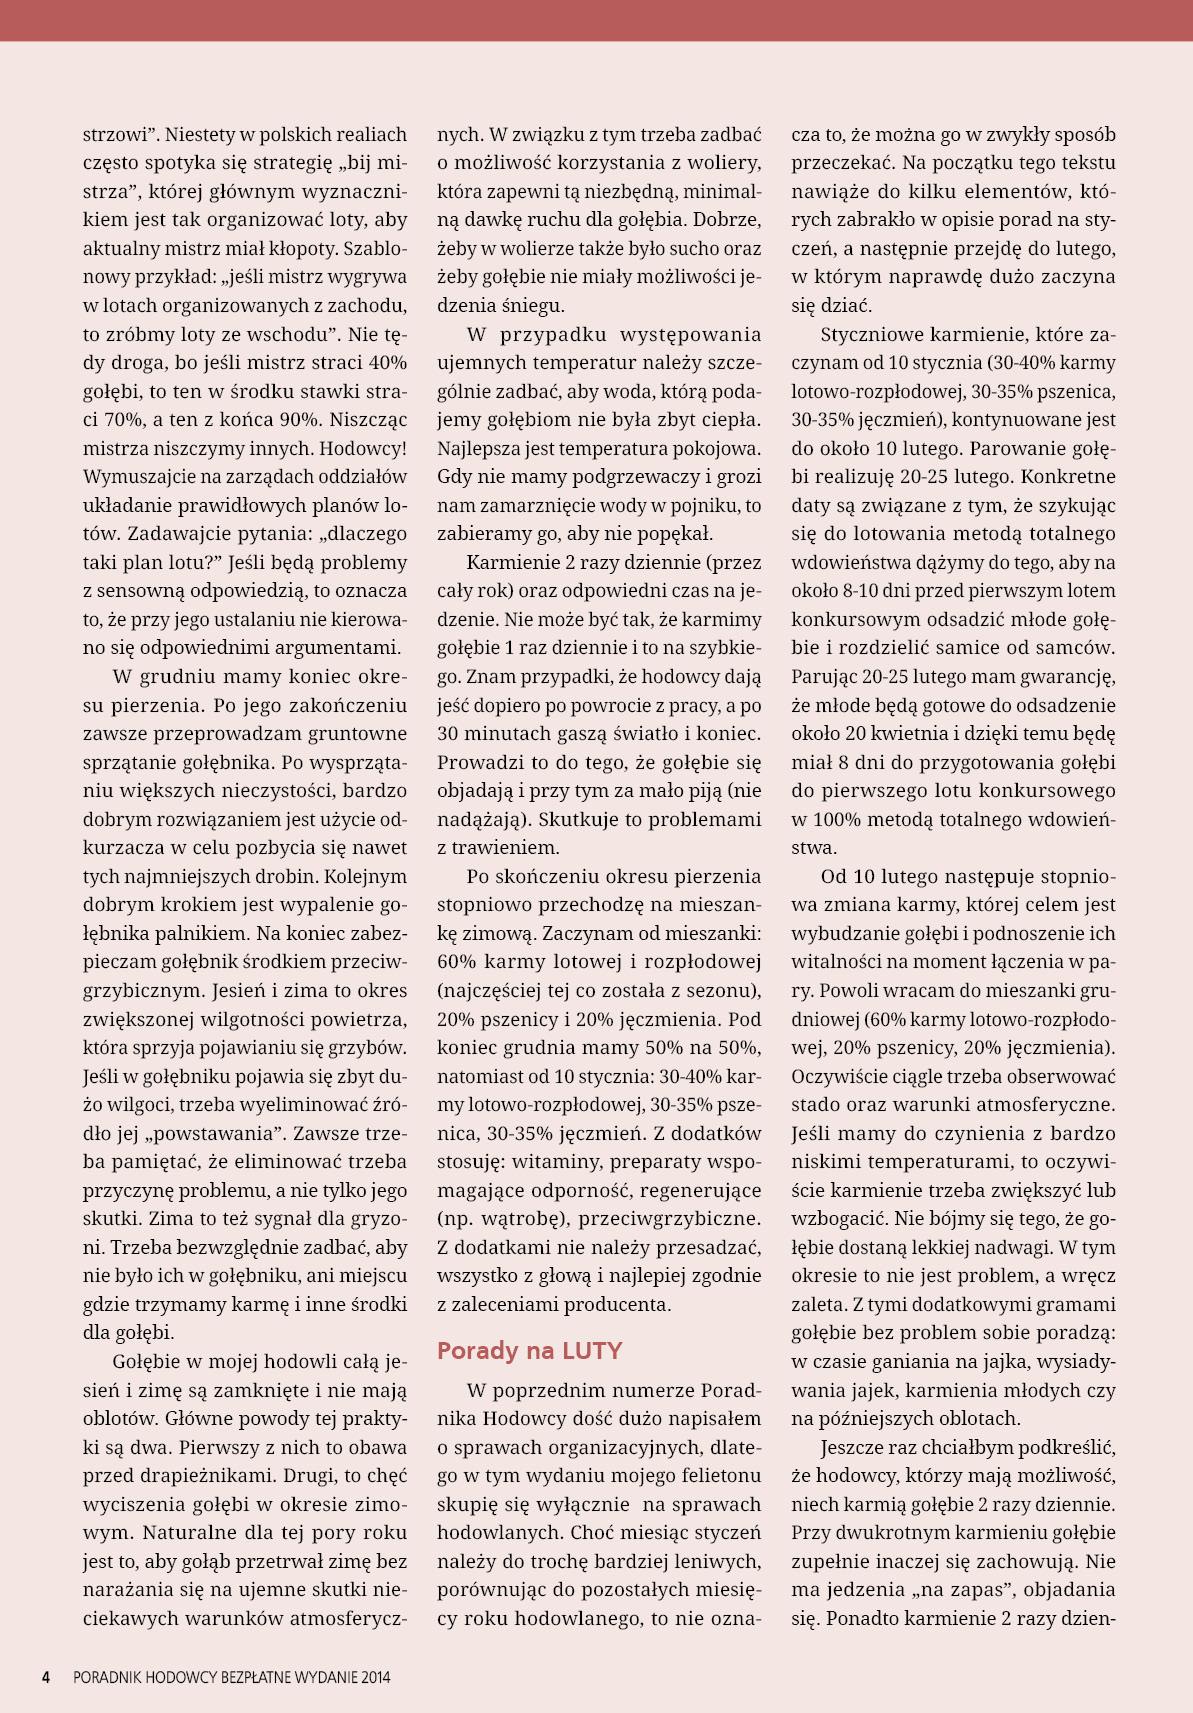 Darmowy numer specjalny Poradnika Hodowcy 2014 - strona 4